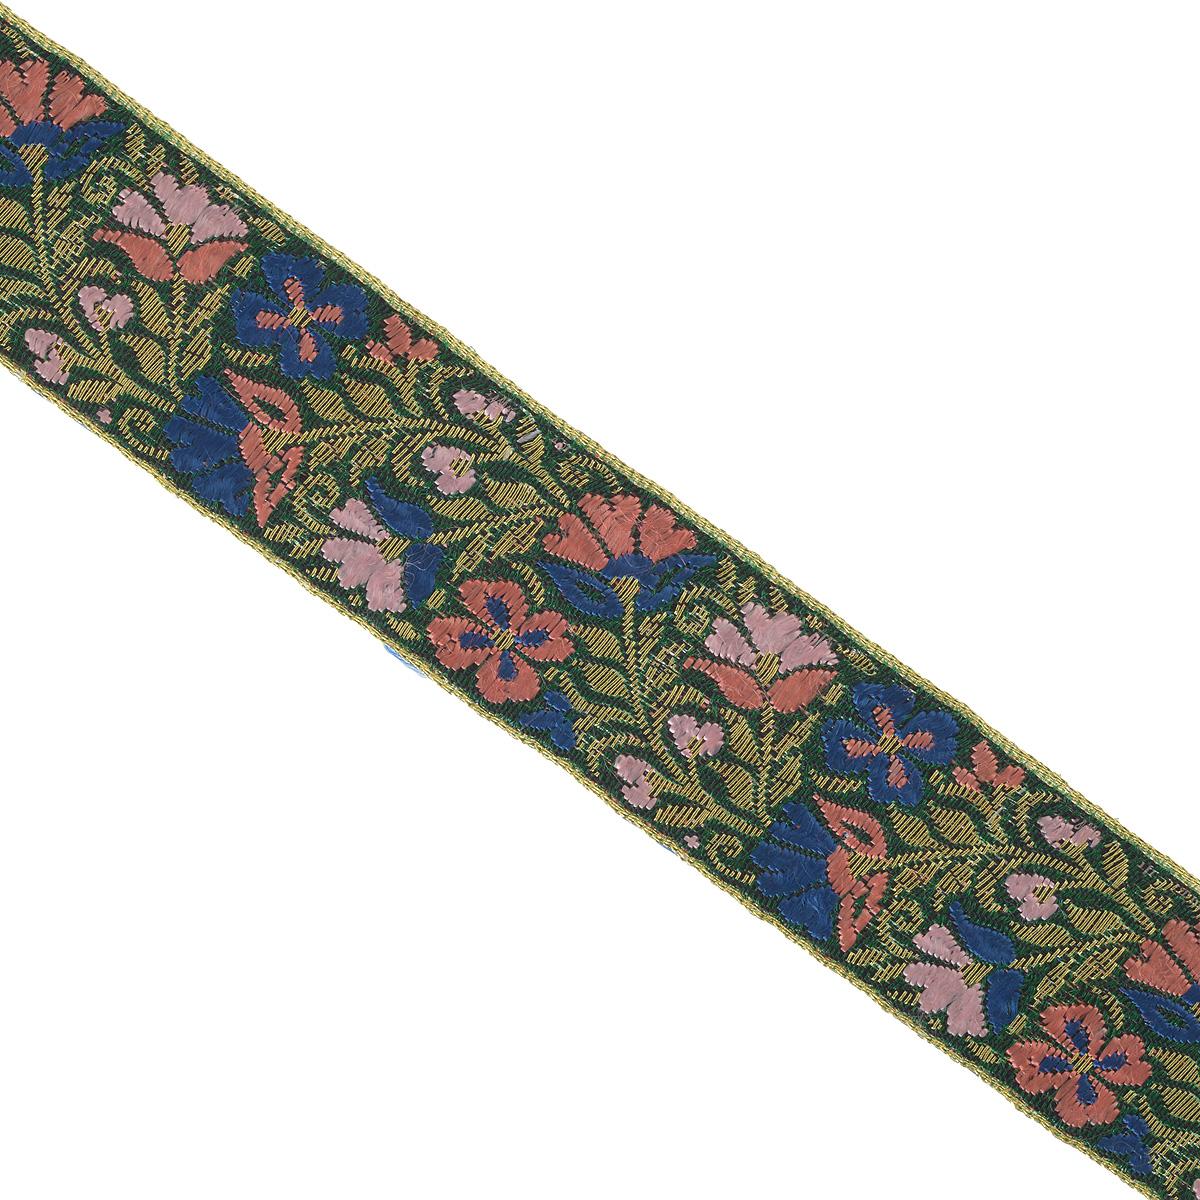 Тесьма декоративная Астра, цвет: зеленый (С4), ширина 3 см, длина 9 м. 77034437703443_С4Декоративная тесьма Астра выполнена из текстиля и оформлена оригинальным жаккардовым орнаментом. Такая тесьма идеально подойдет для оформления различных творческих работ таких, как скрапбукинг, аппликация, декор коробок и открыток и многое другое. Тесьма наивысшего качества и практична в использовании. Она станет незаменимым элементом в создании рукотворного шедевра. Ширина: 3 см. Длина: 9 м.